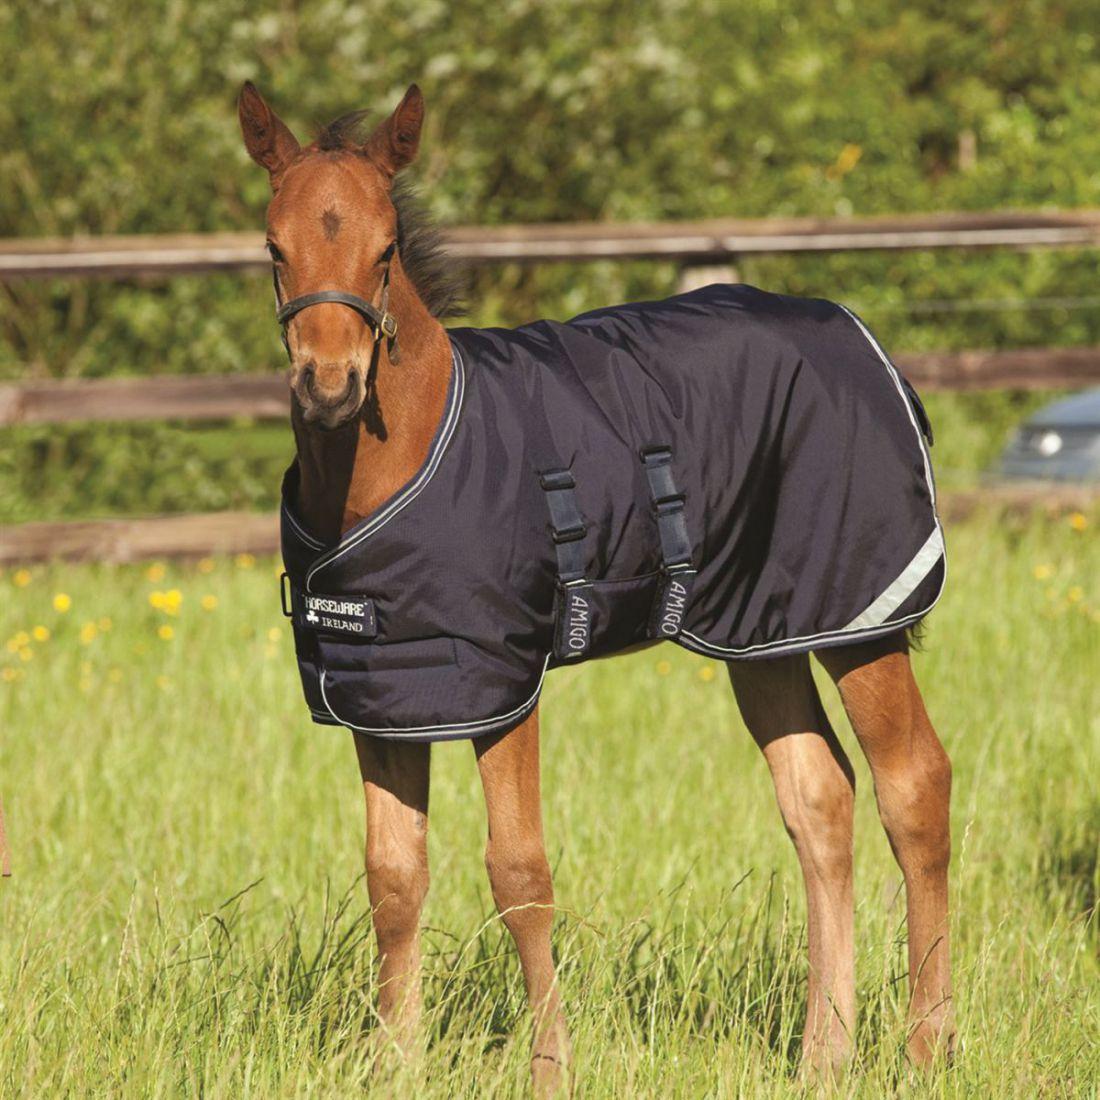 Amigo Foal Rug Horses Riding Body Cover Accessory